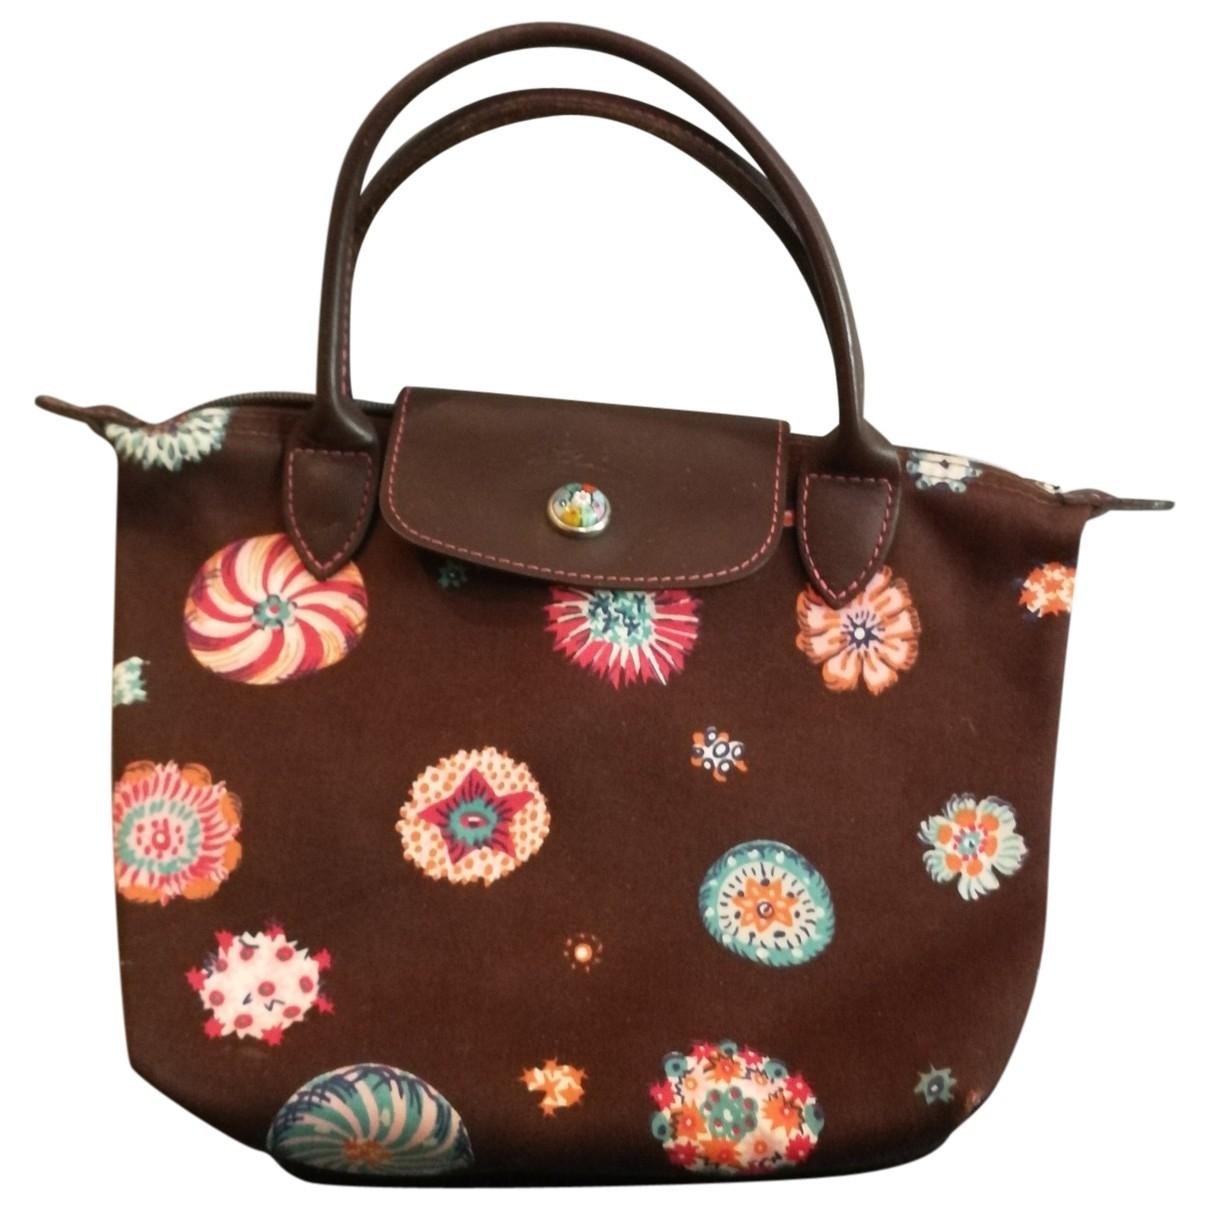 Longchamp - Petite maroquinerie   pour femme en toile - marron